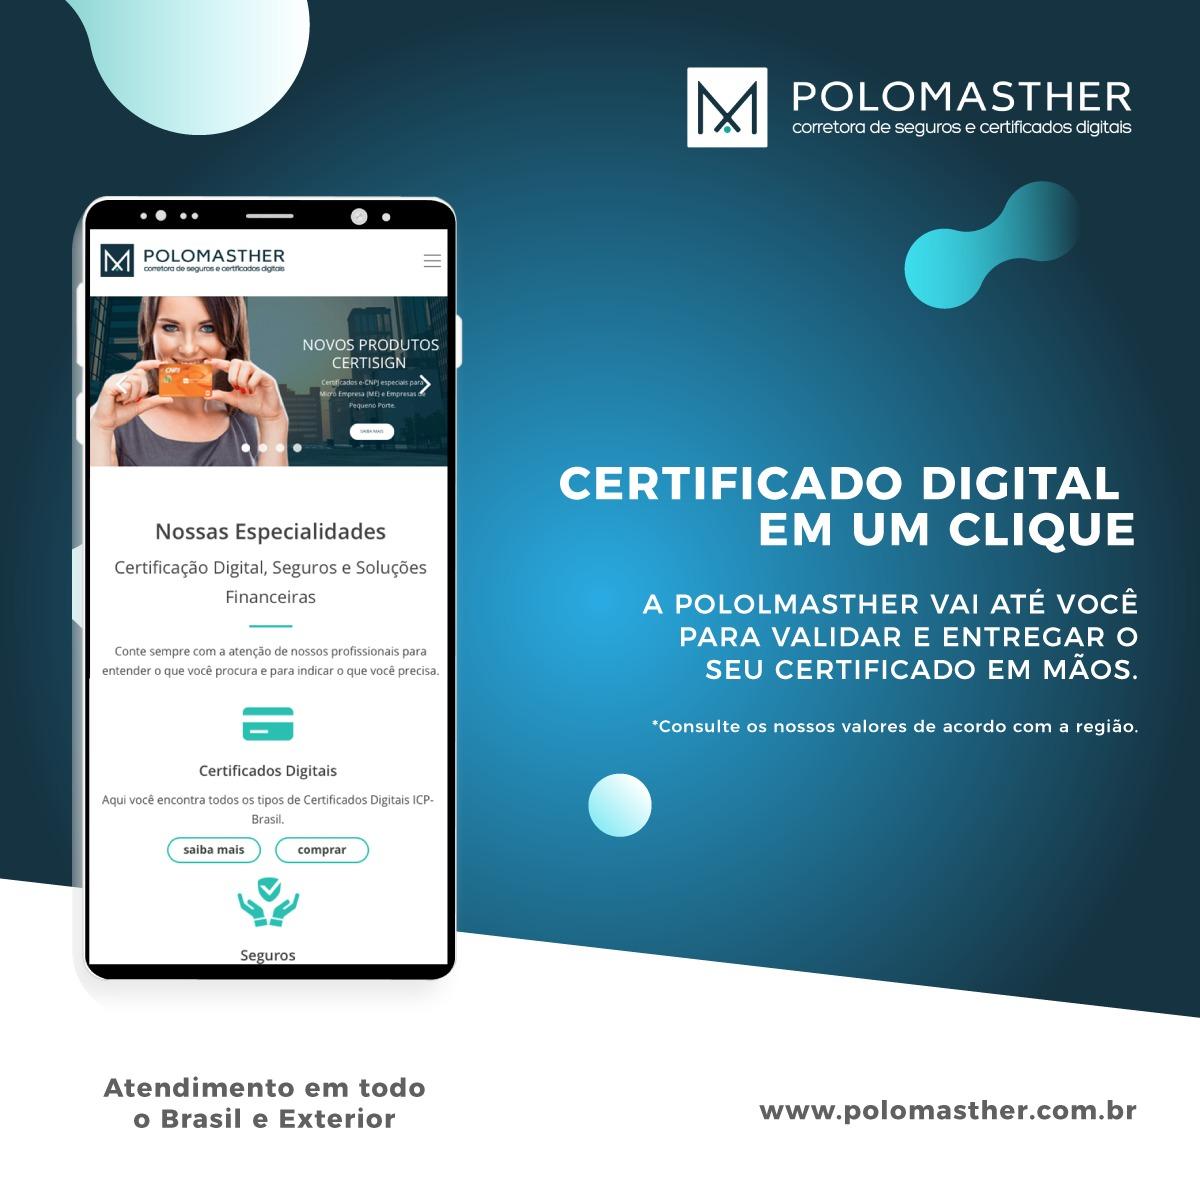 Certificado Digital em um clique